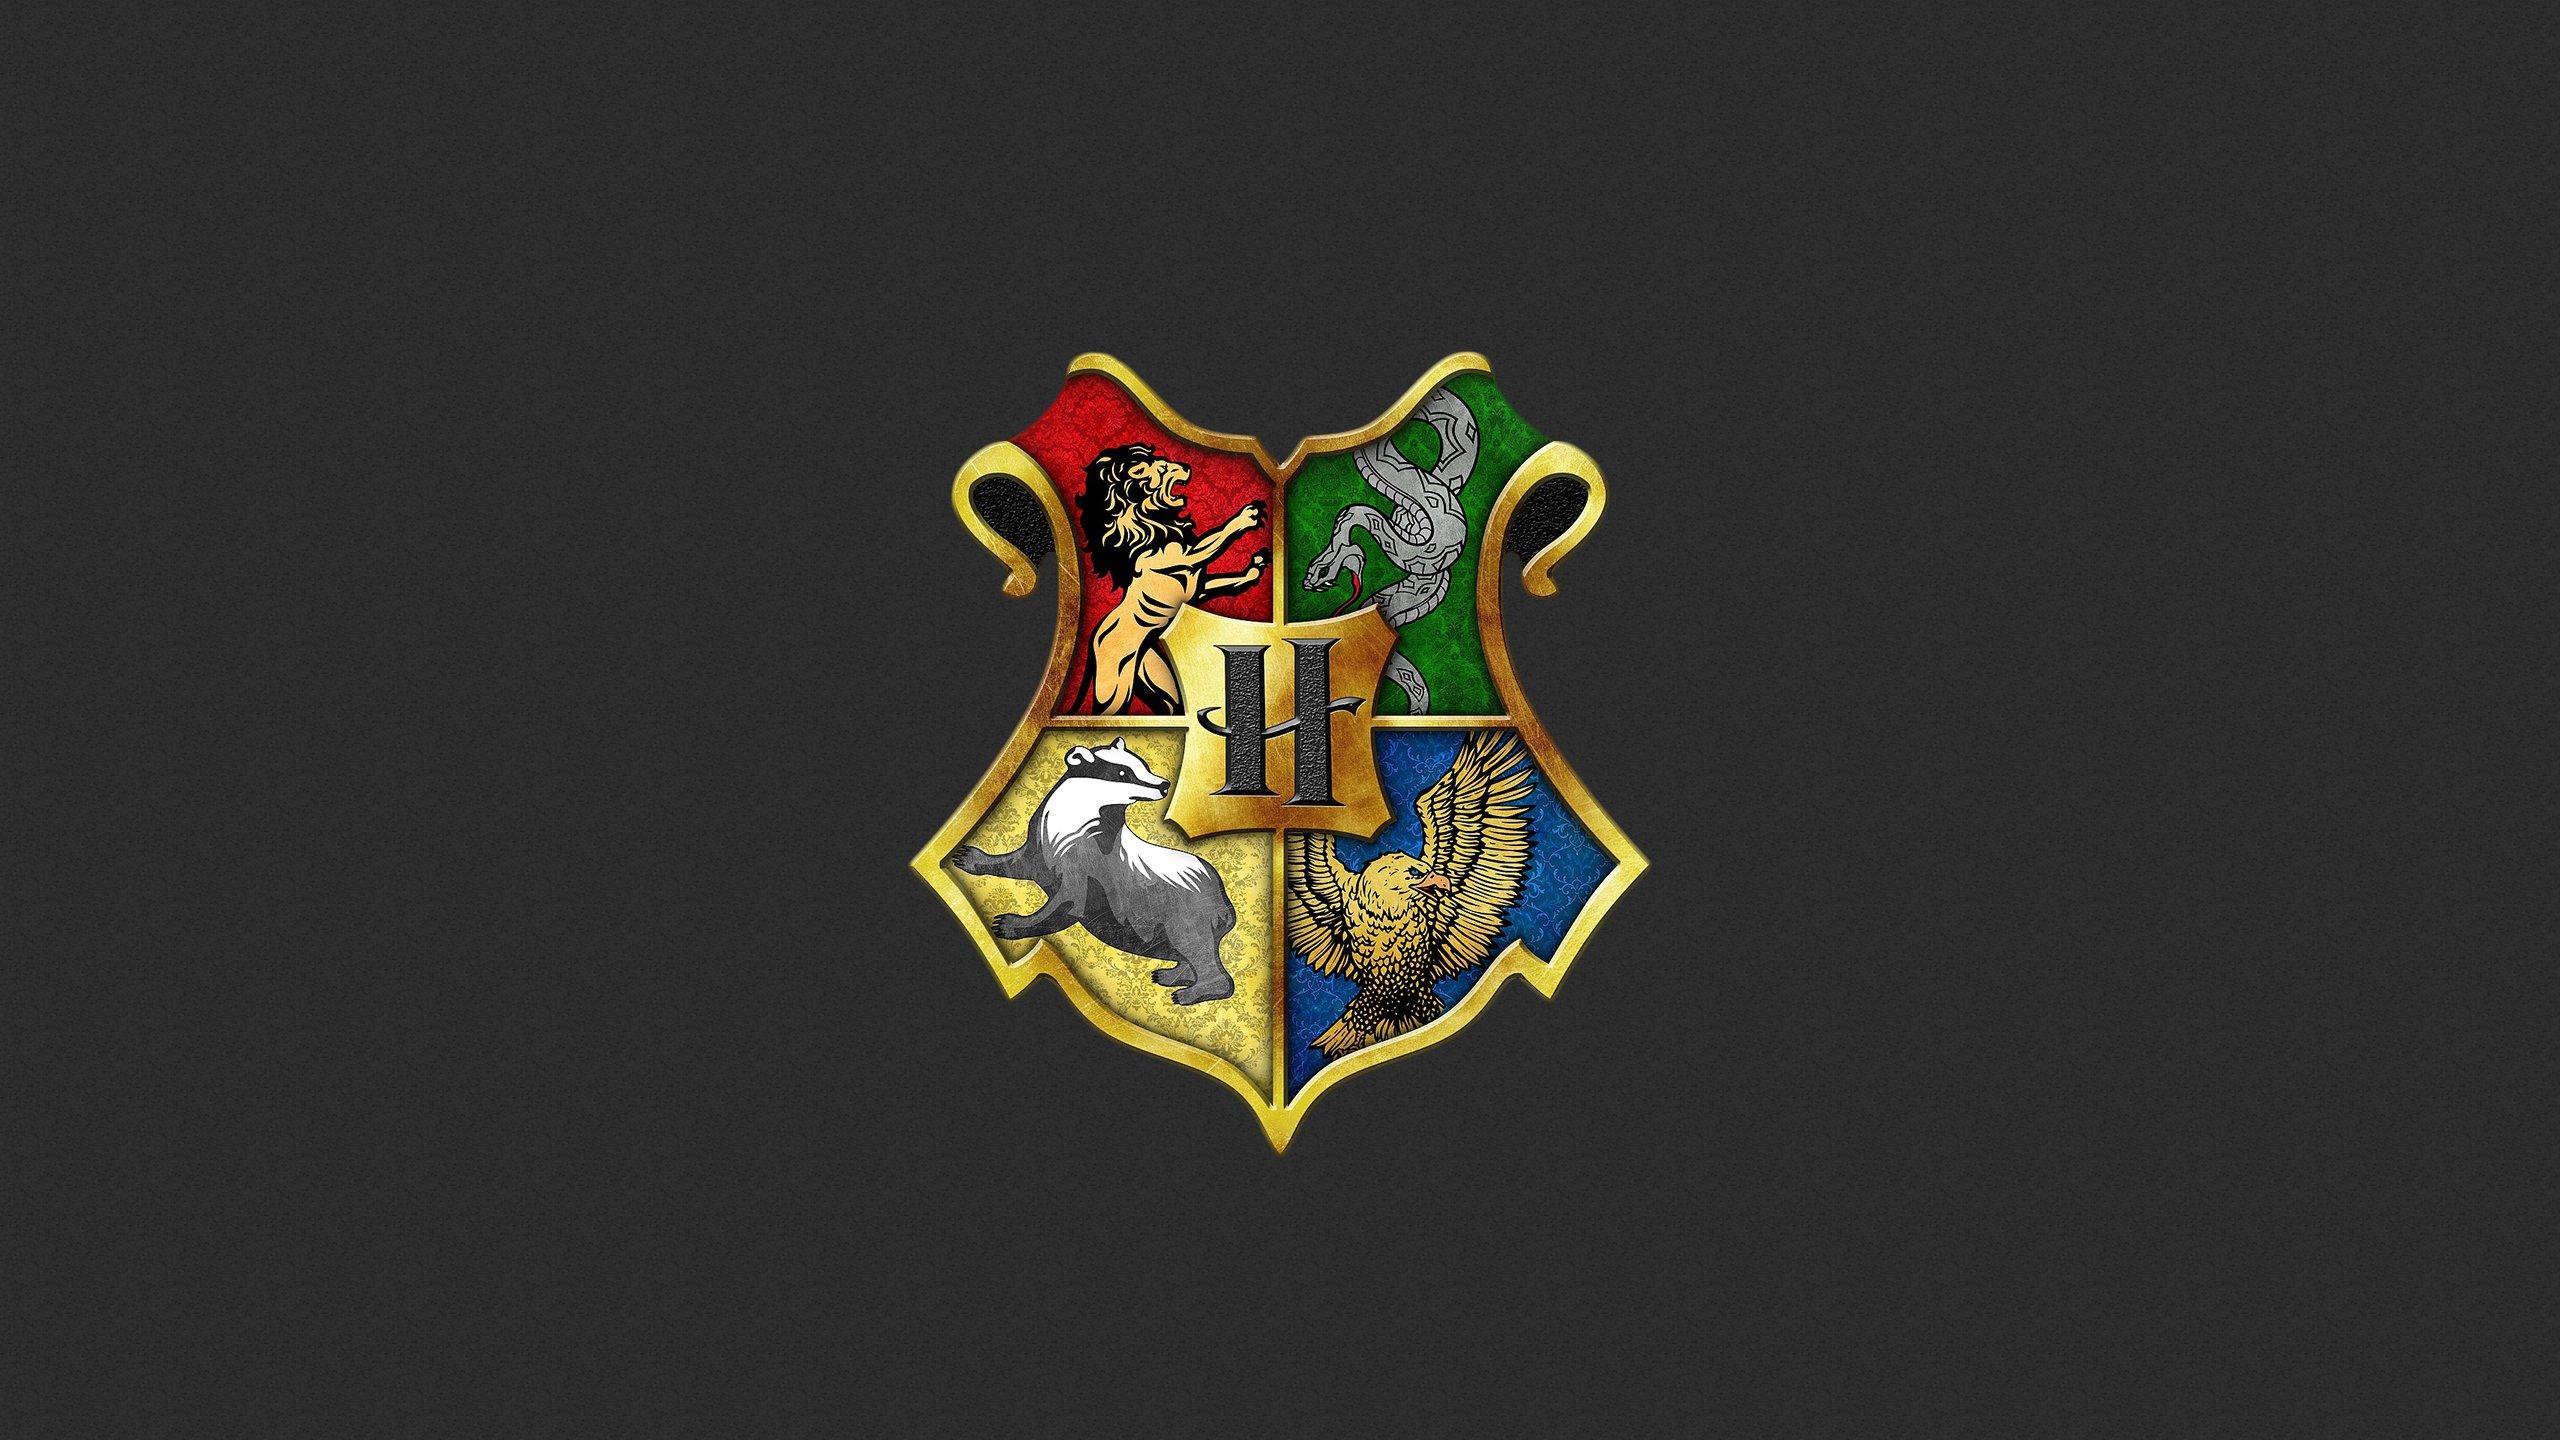 Fondos de pantalla Insignias de Harry Potter: Gryffindor, Slytherin, Hufflepuff y Ravenclaw